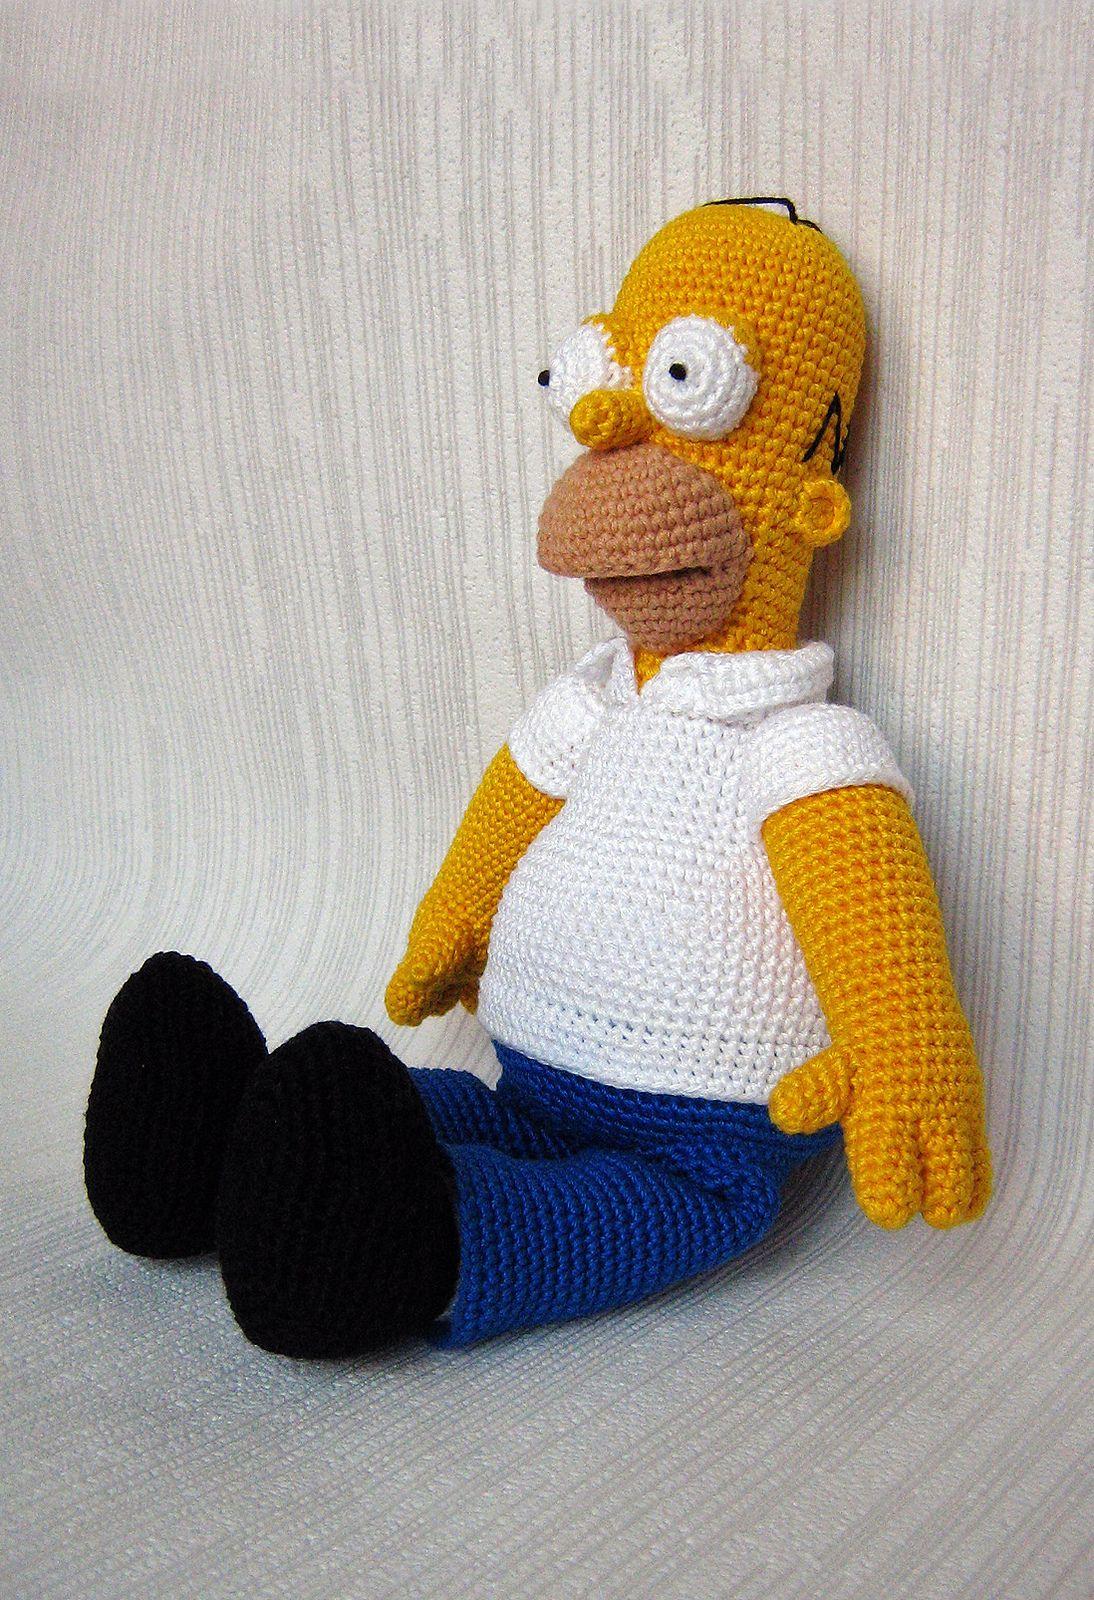 Homer Simpson Crochet Toy | El Arte de Tejer Crochét